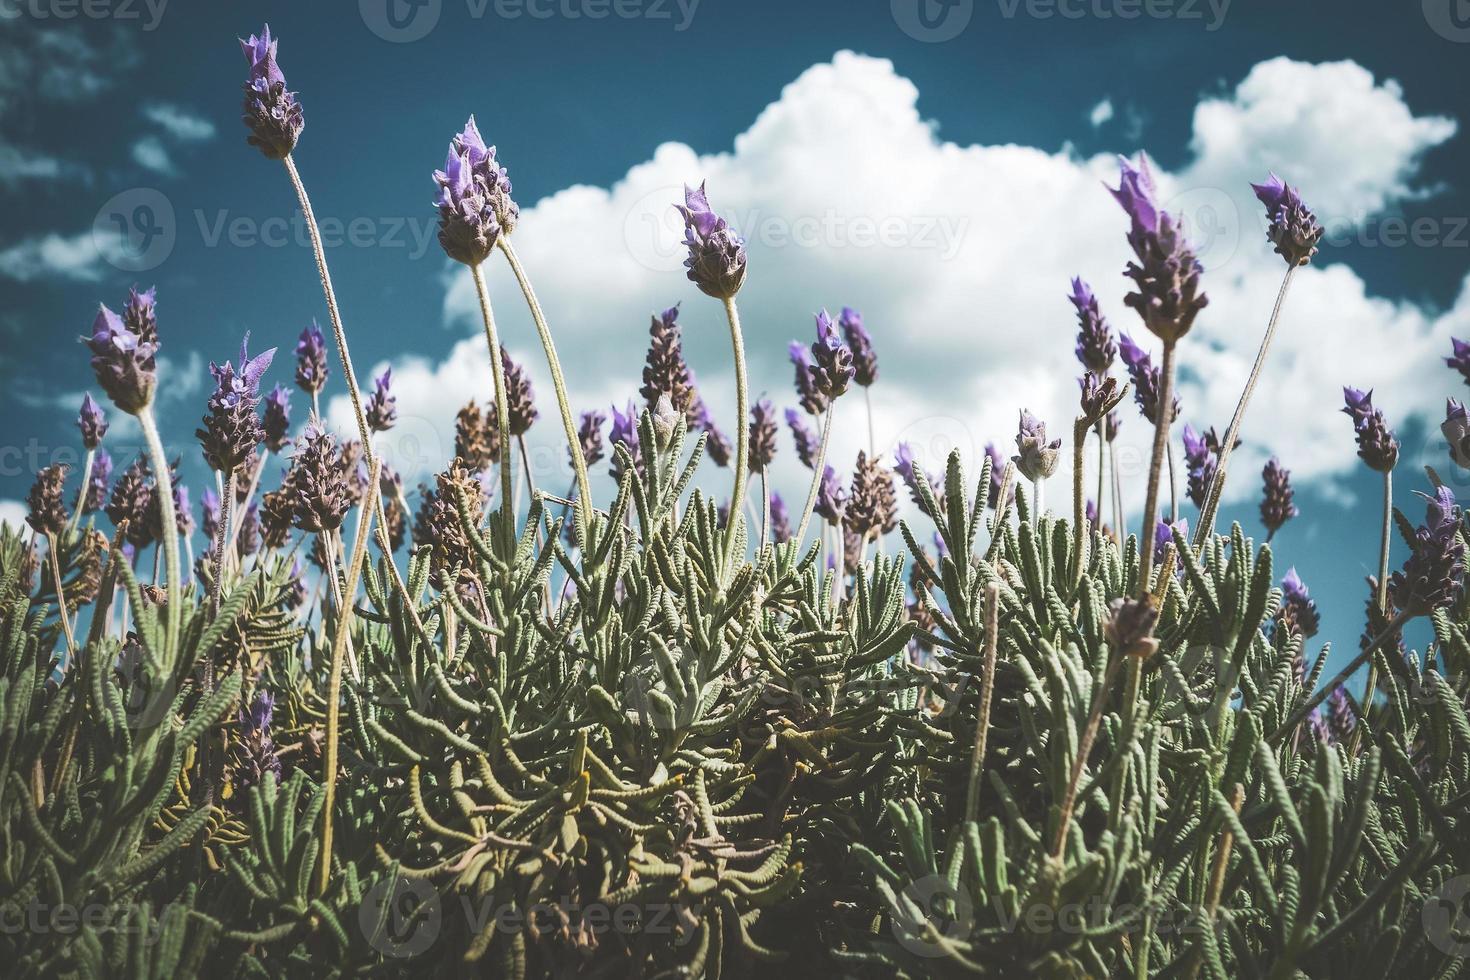 fiori viola di un arbusto di lavanda foto